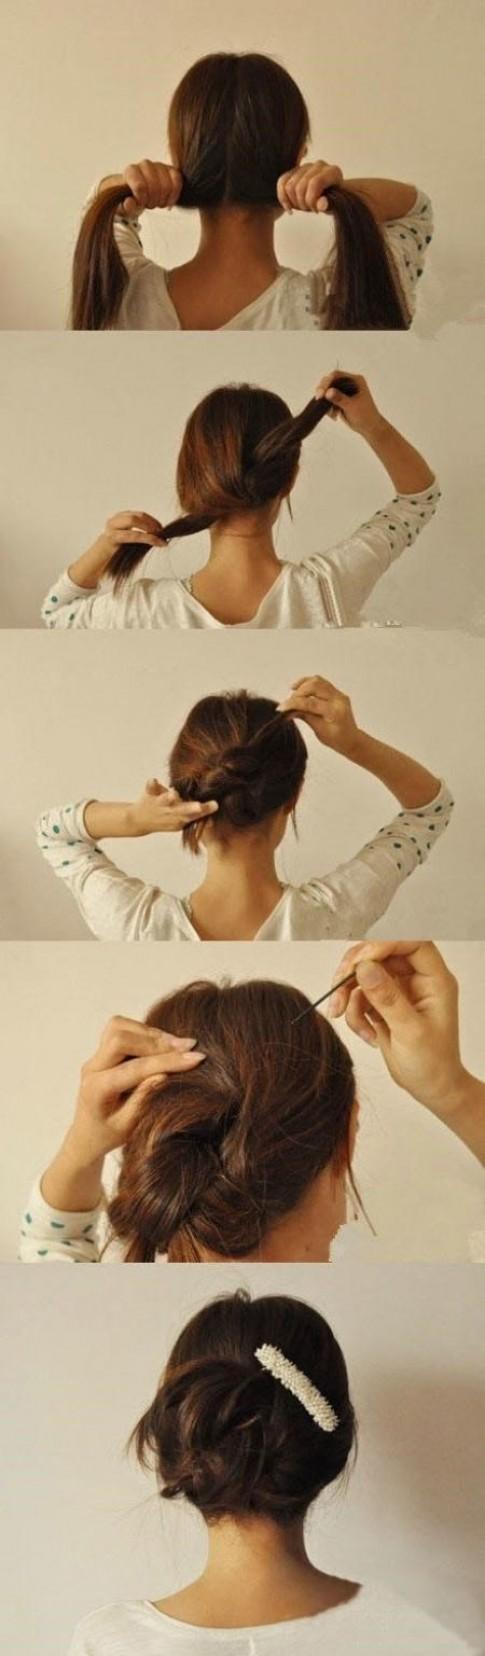 Chỉ với 3 phút, bạn có thể nhanh chóng có được 14 kiểu tóc dưới đây